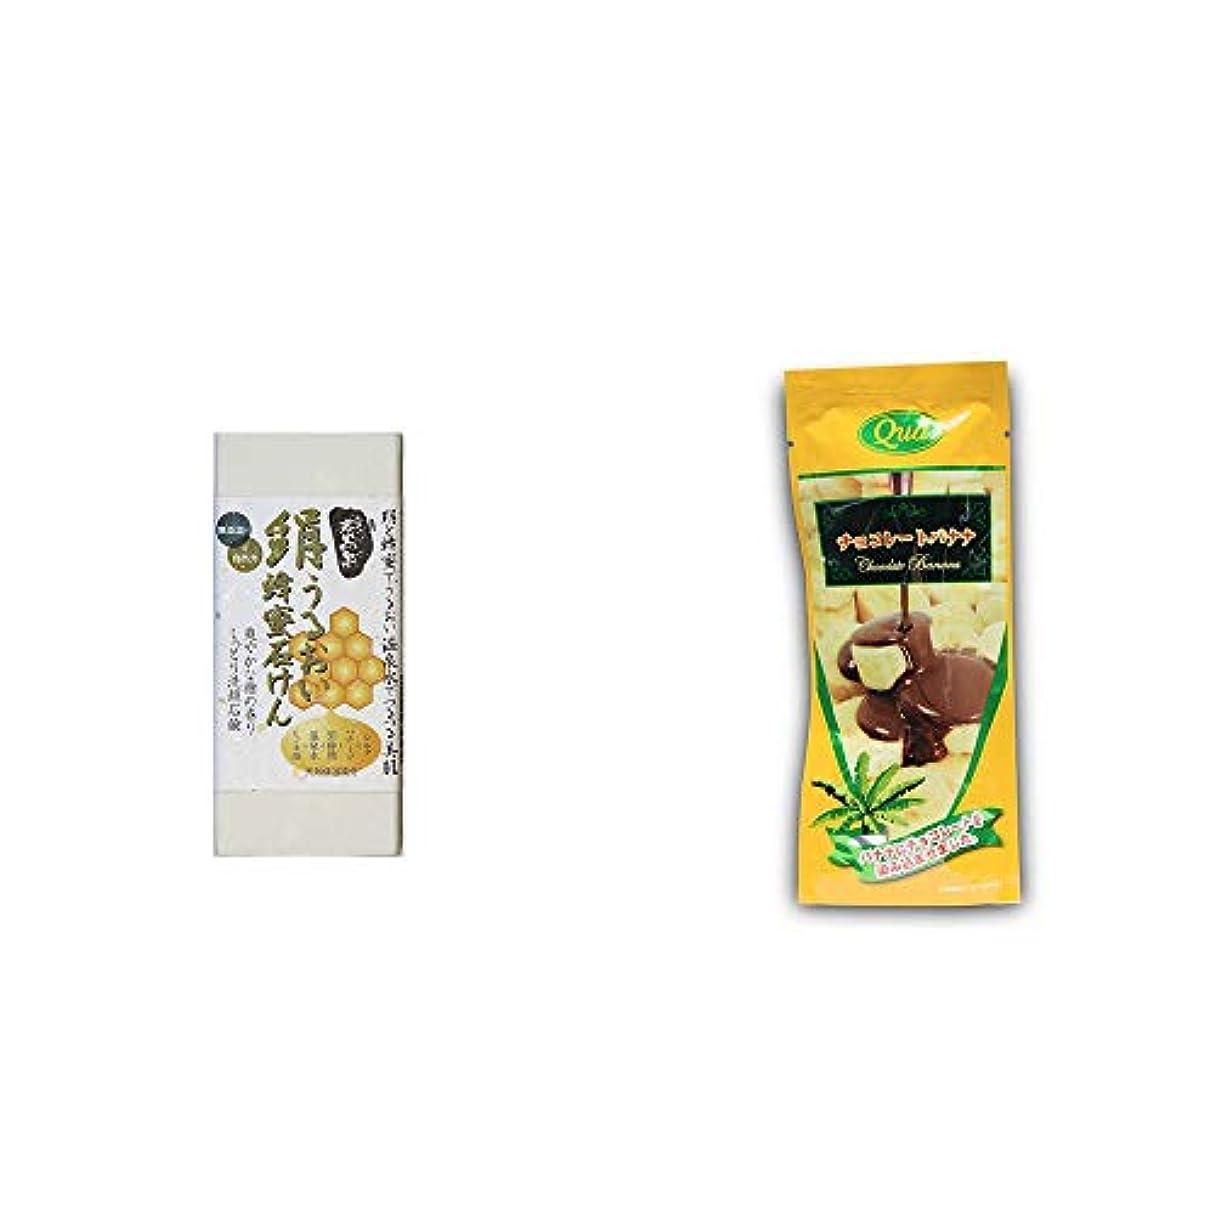 話す徴収クランプ[2点セット] ひのき炭黒泉 絹うるおい蜂蜜石けん(75g×2)?フリーズドライ チョコレートバナナ(50g)